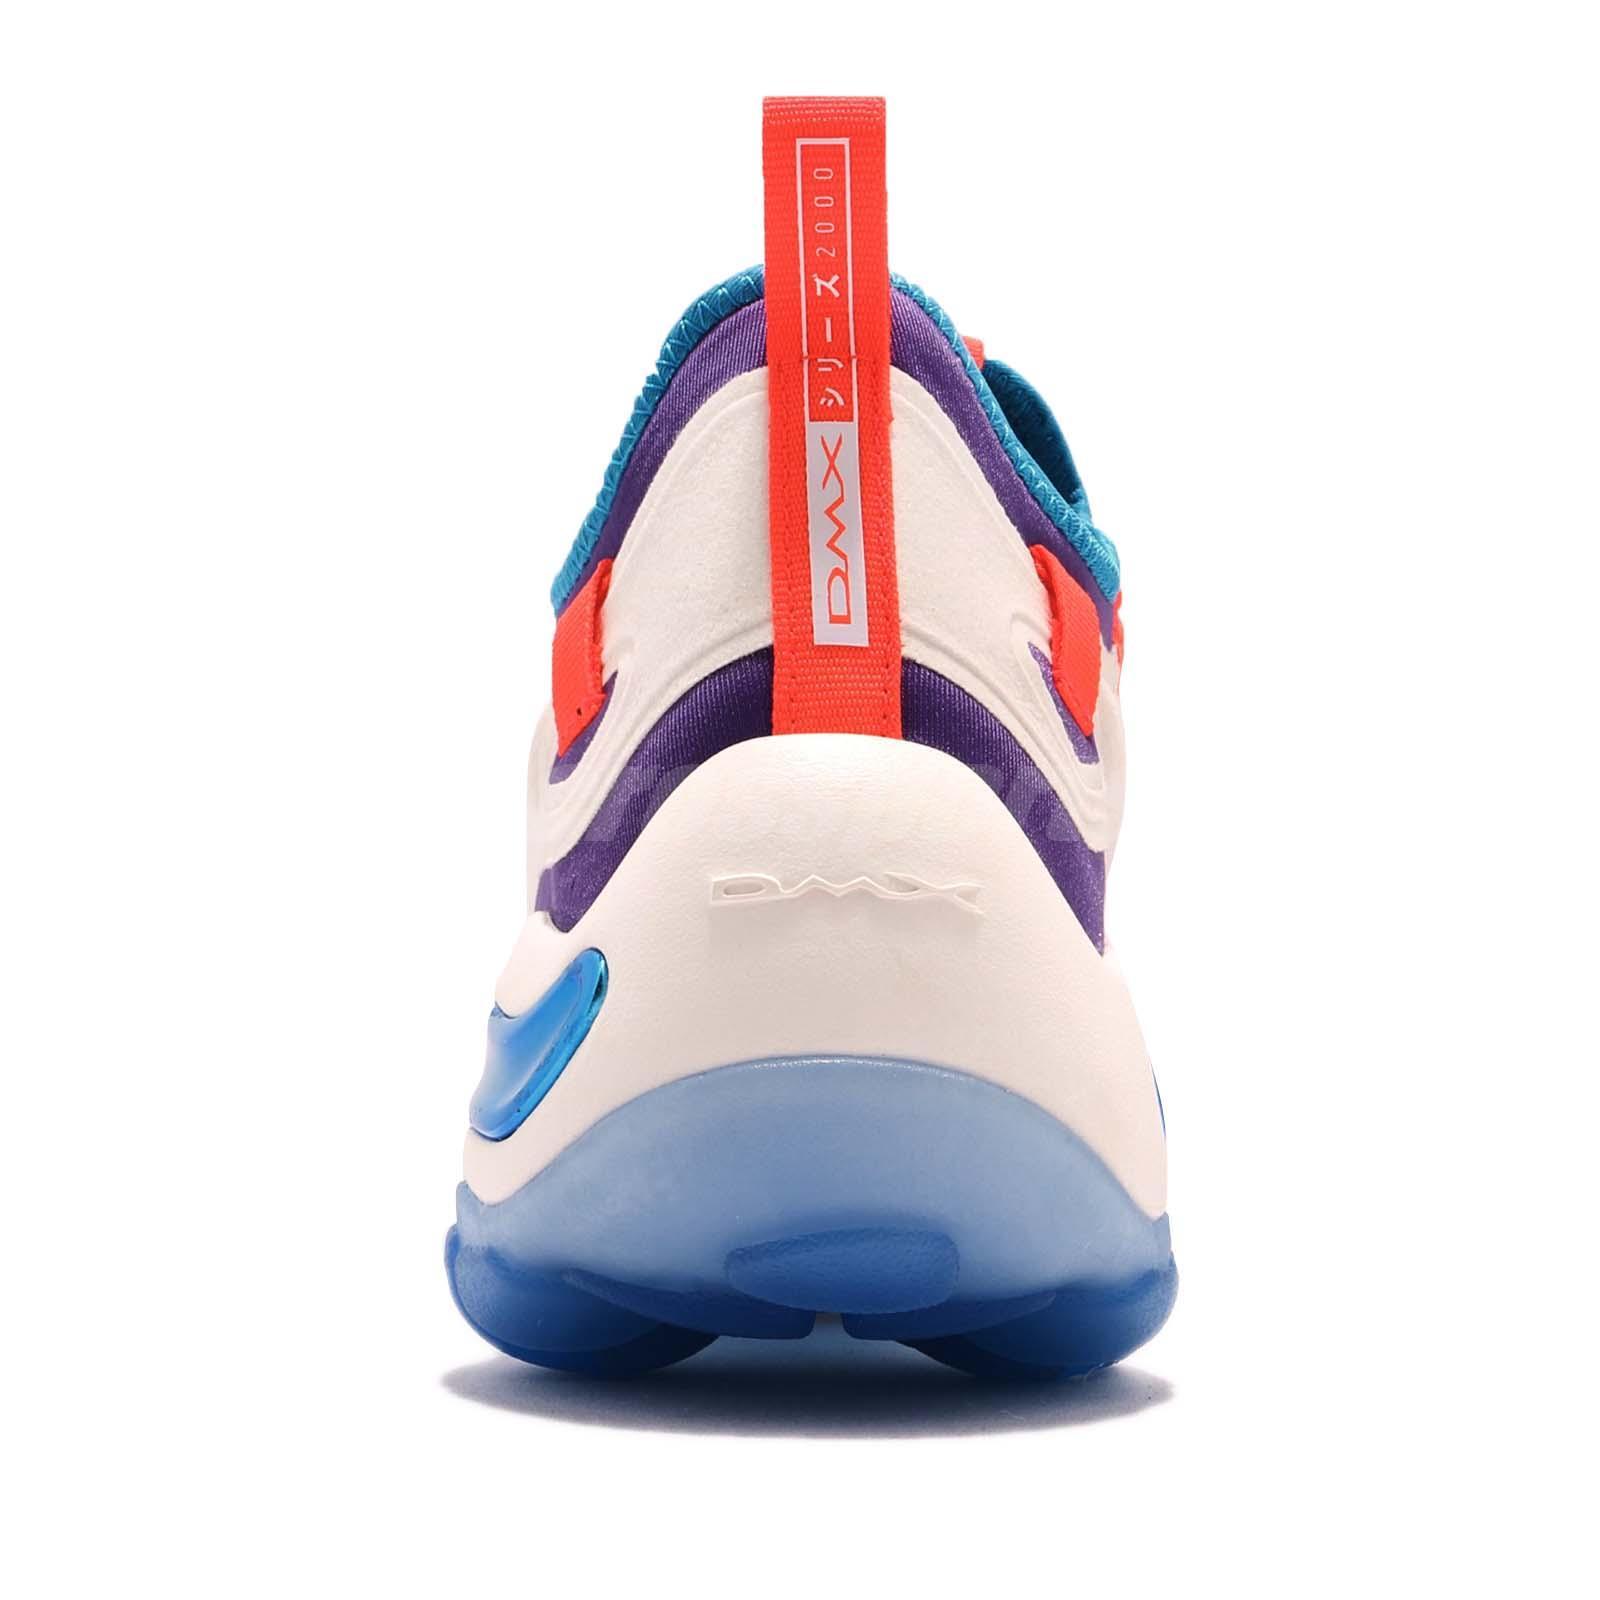 74cef87e74d Reebok DMX Series 2000 Low Chalk White Orange Purple Blue Men Shoes ...